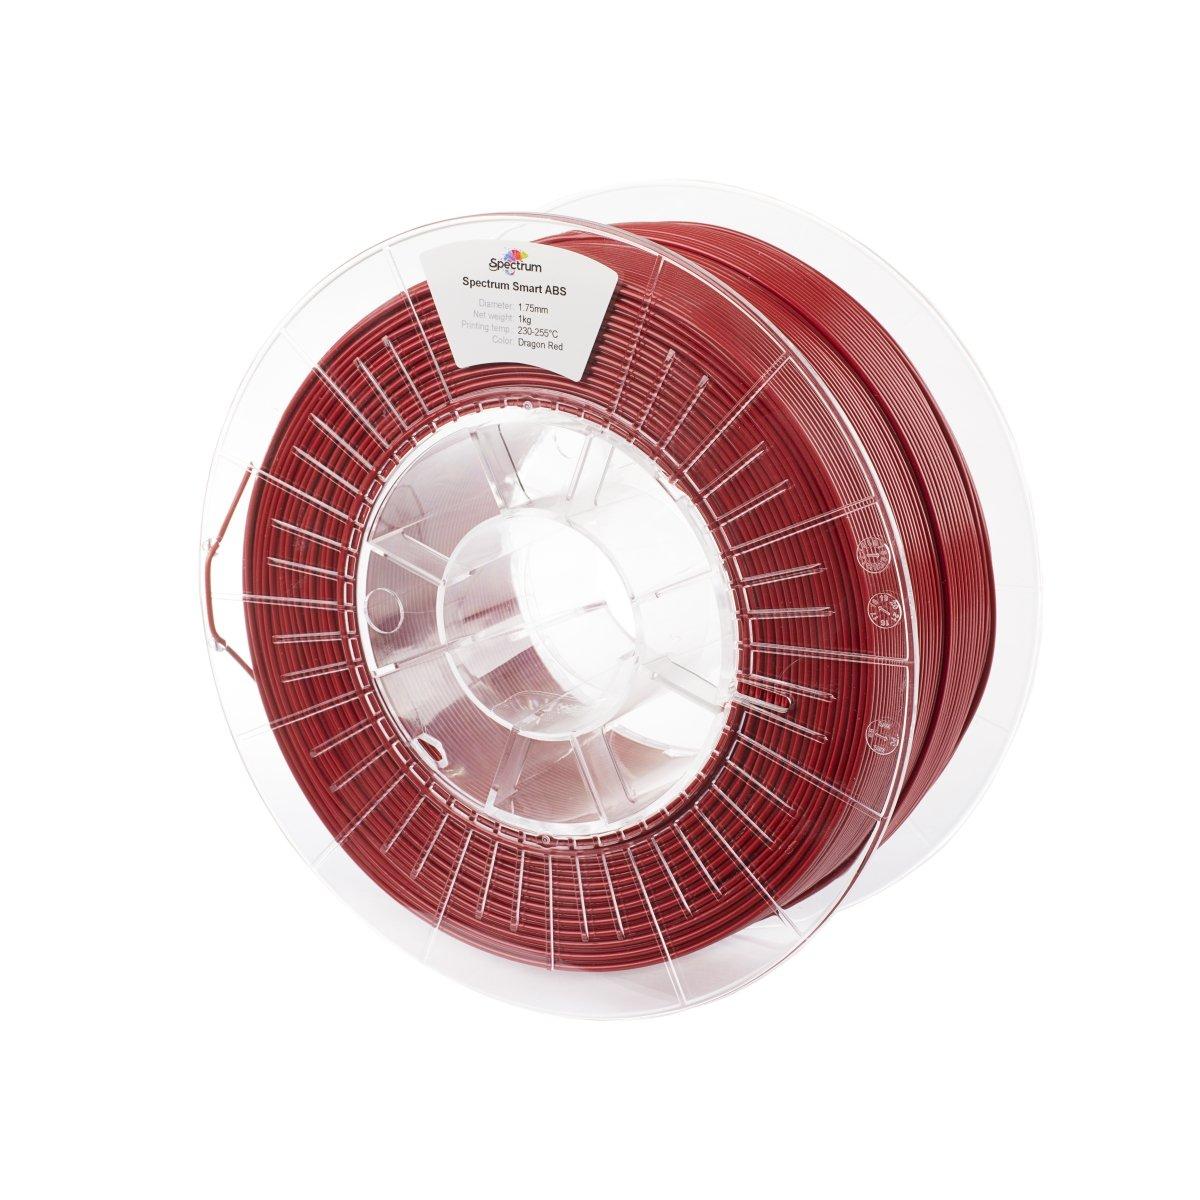 Billede af Spectrum Filaments - Smart ABS - 1.75mm - Dragon Red - 1 kg